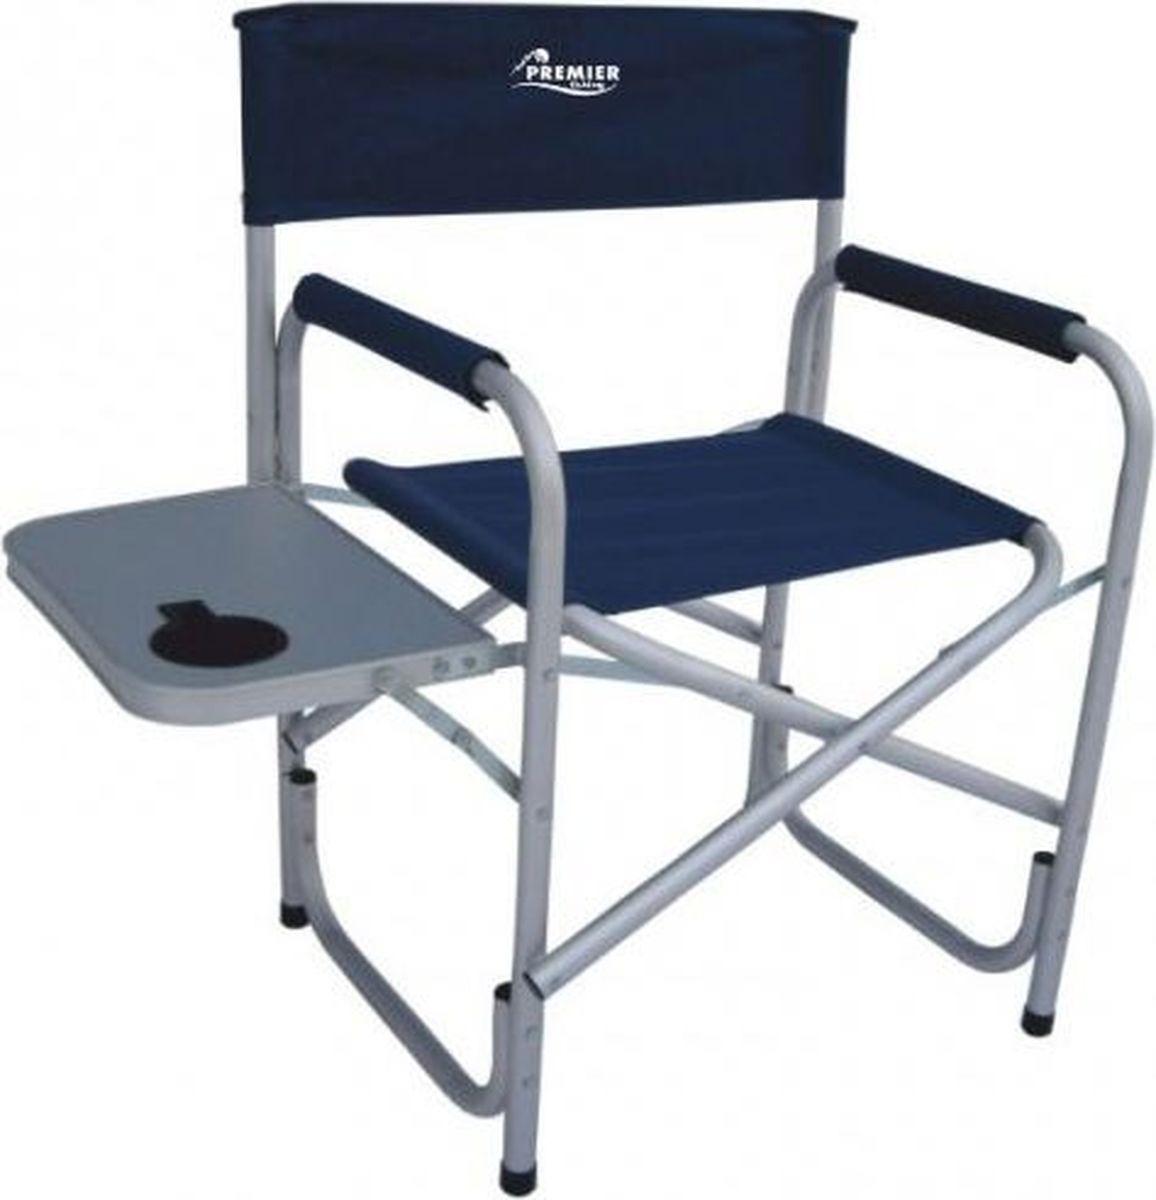 Кресло складное Premier со столиком, синий, 87 х 47 х 49 см кресло premier складное pr 249 140 кг